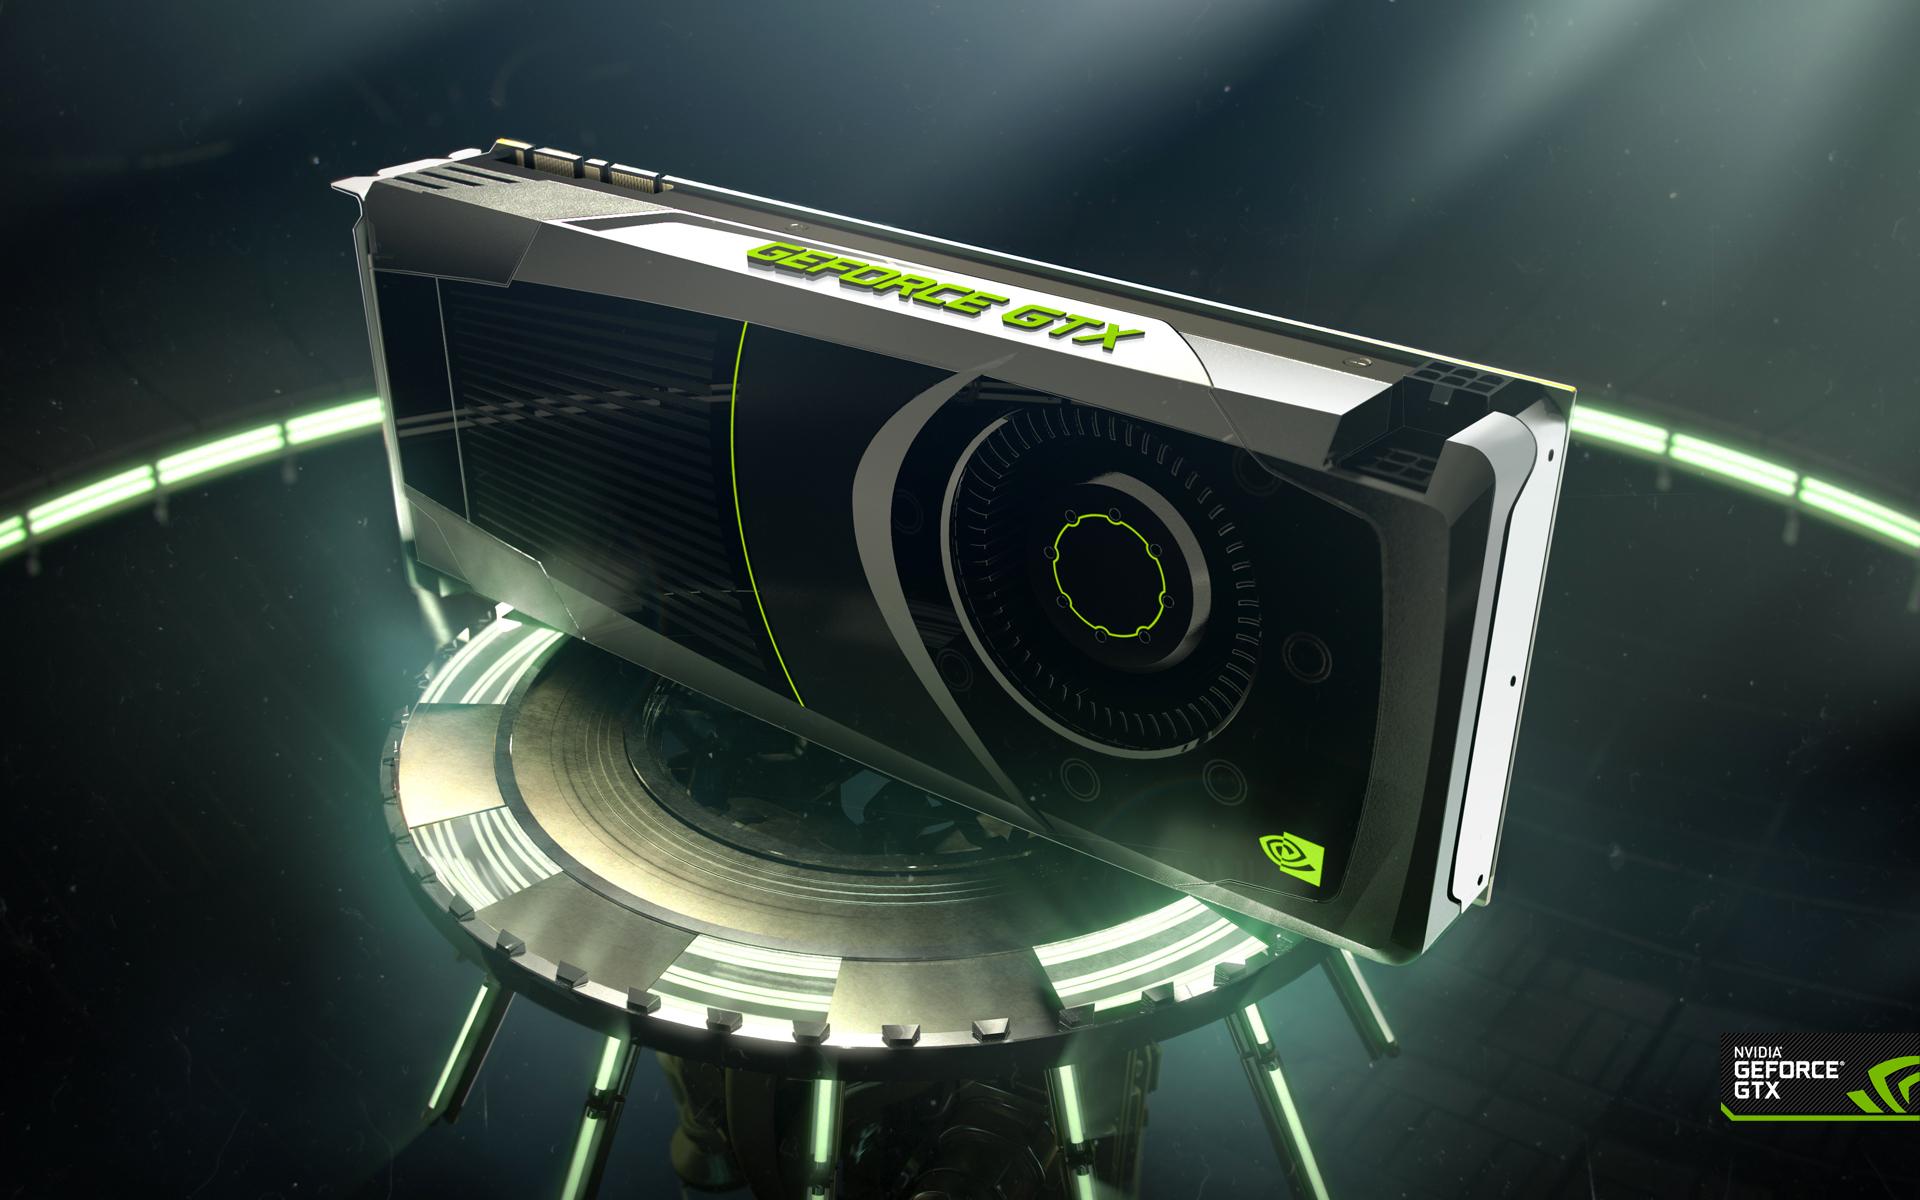 英伟达有望推出入门级VR显卡